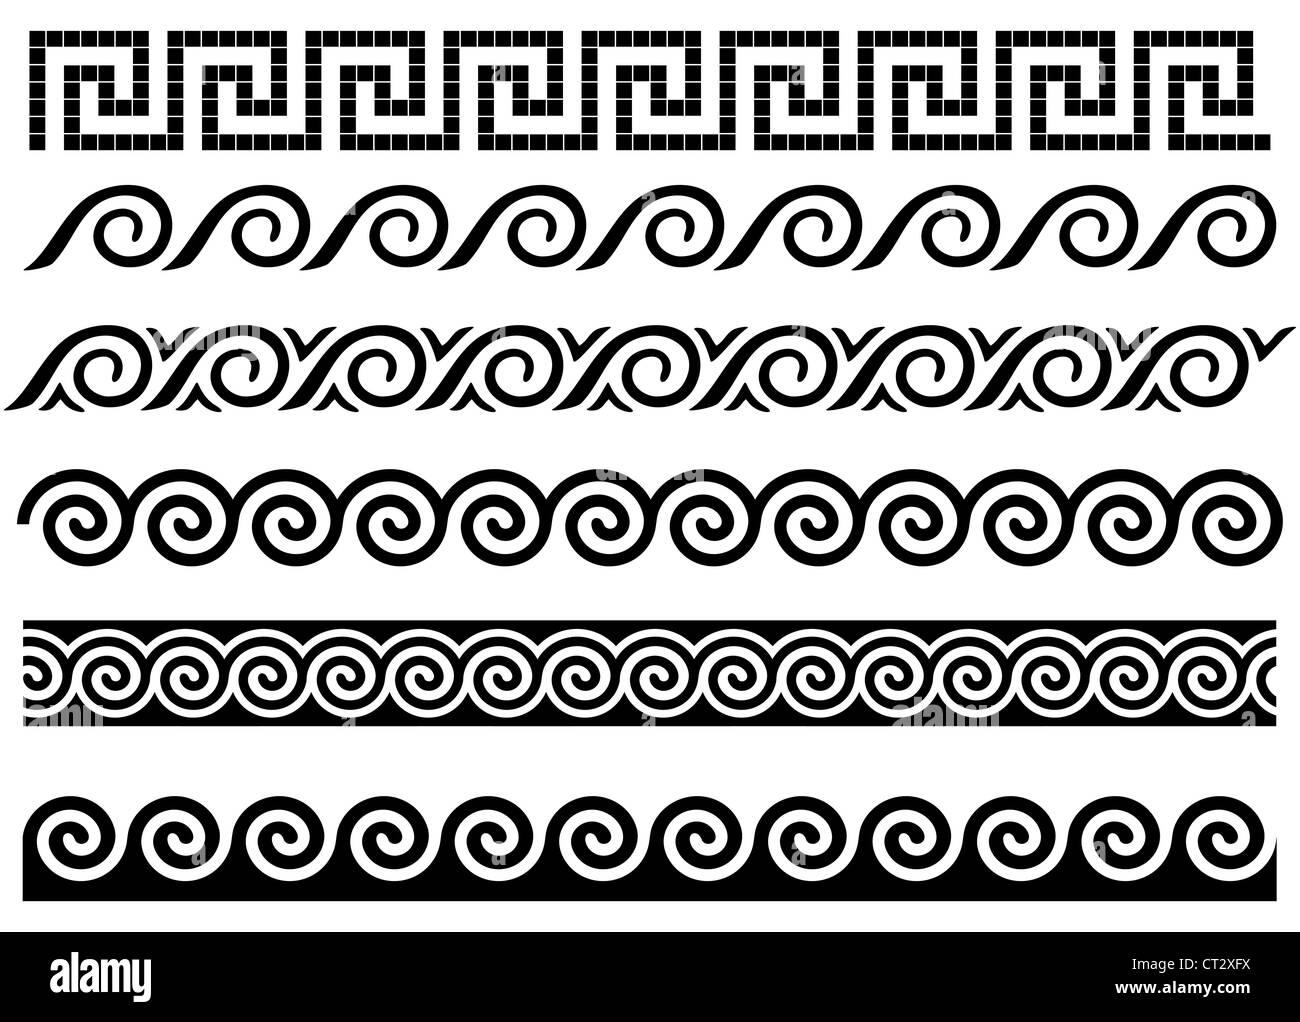 Black And White Polka Dot Wallpaper Border M 228 Ander Und Welle Antiken Griechischen Grenzen Reihe Von